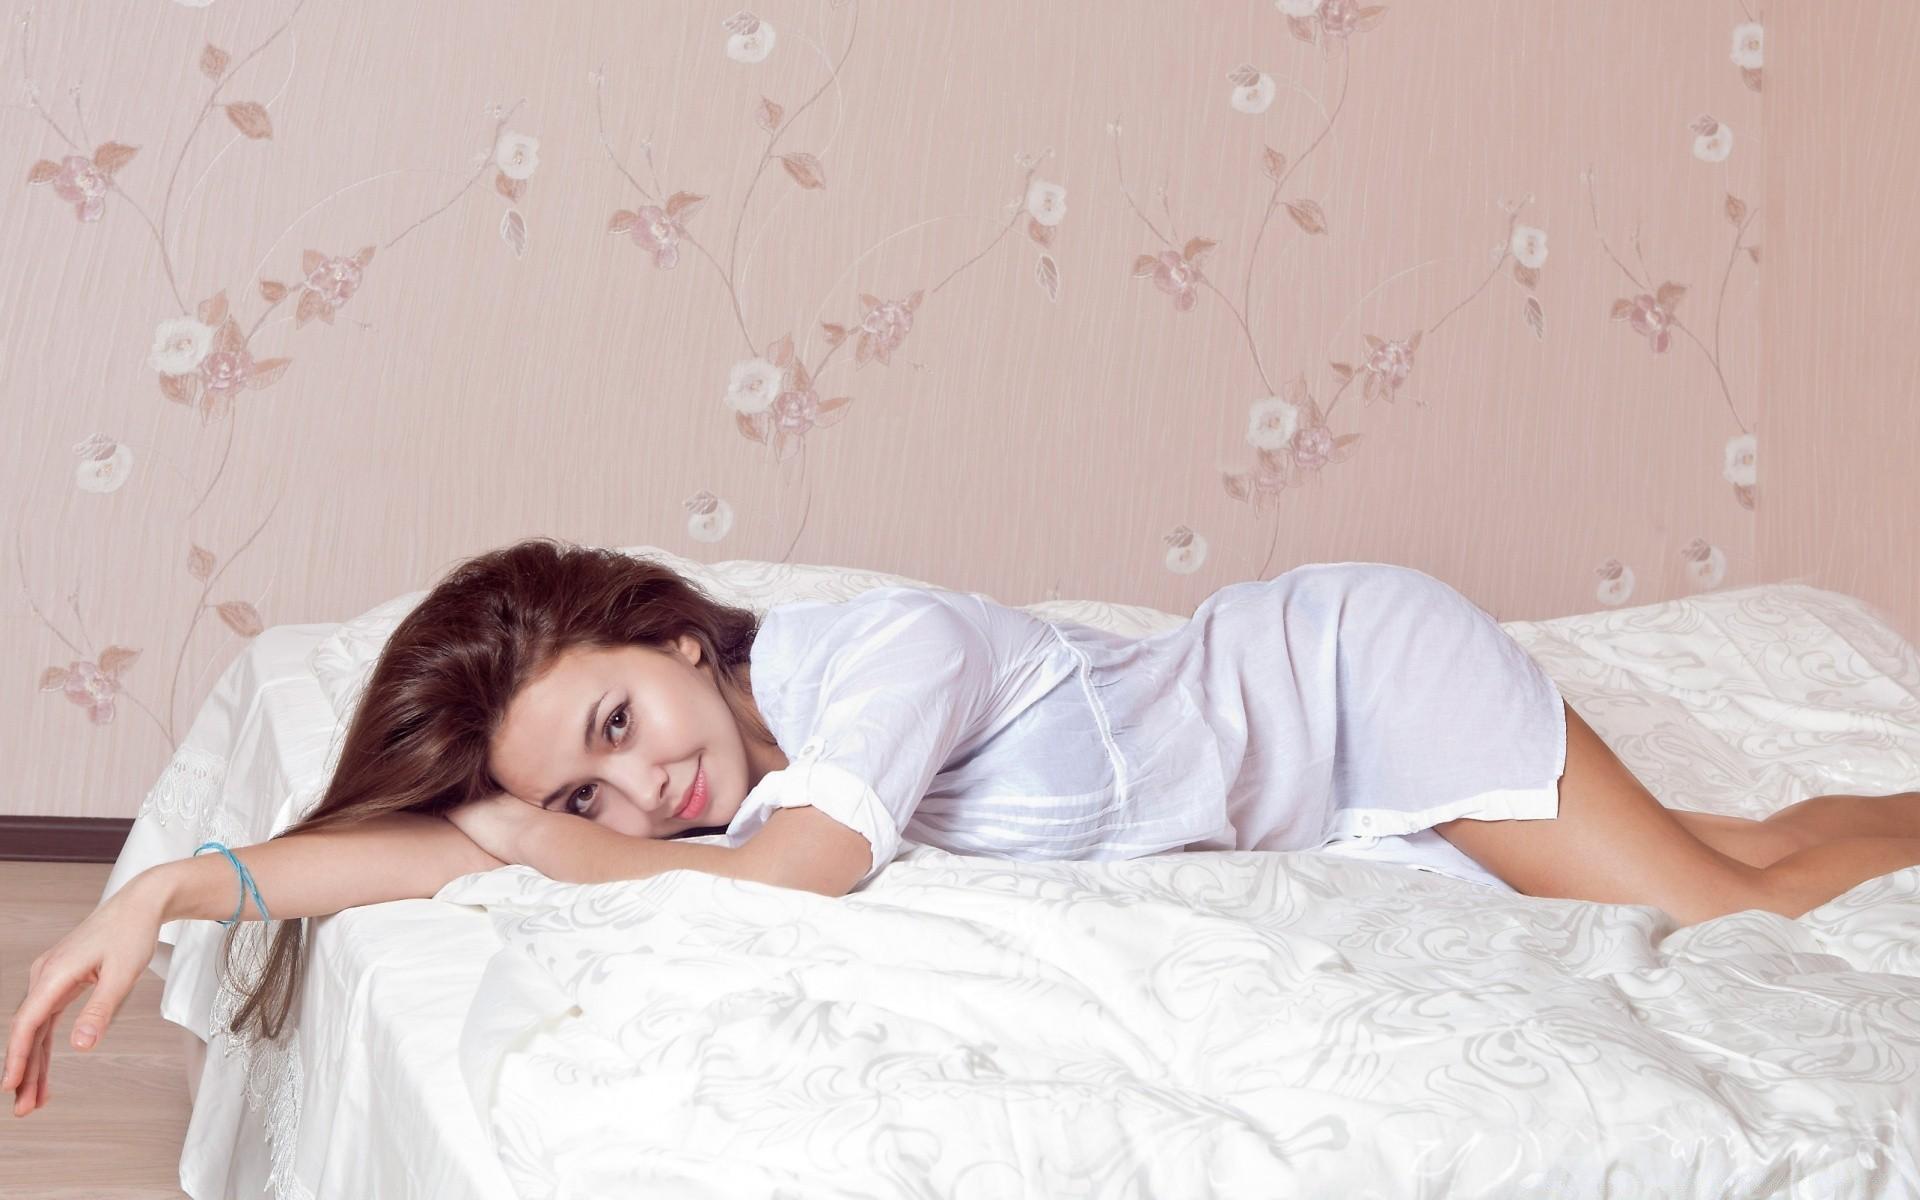 актриса удивила можно фотографировать лежа как правильно выбрать